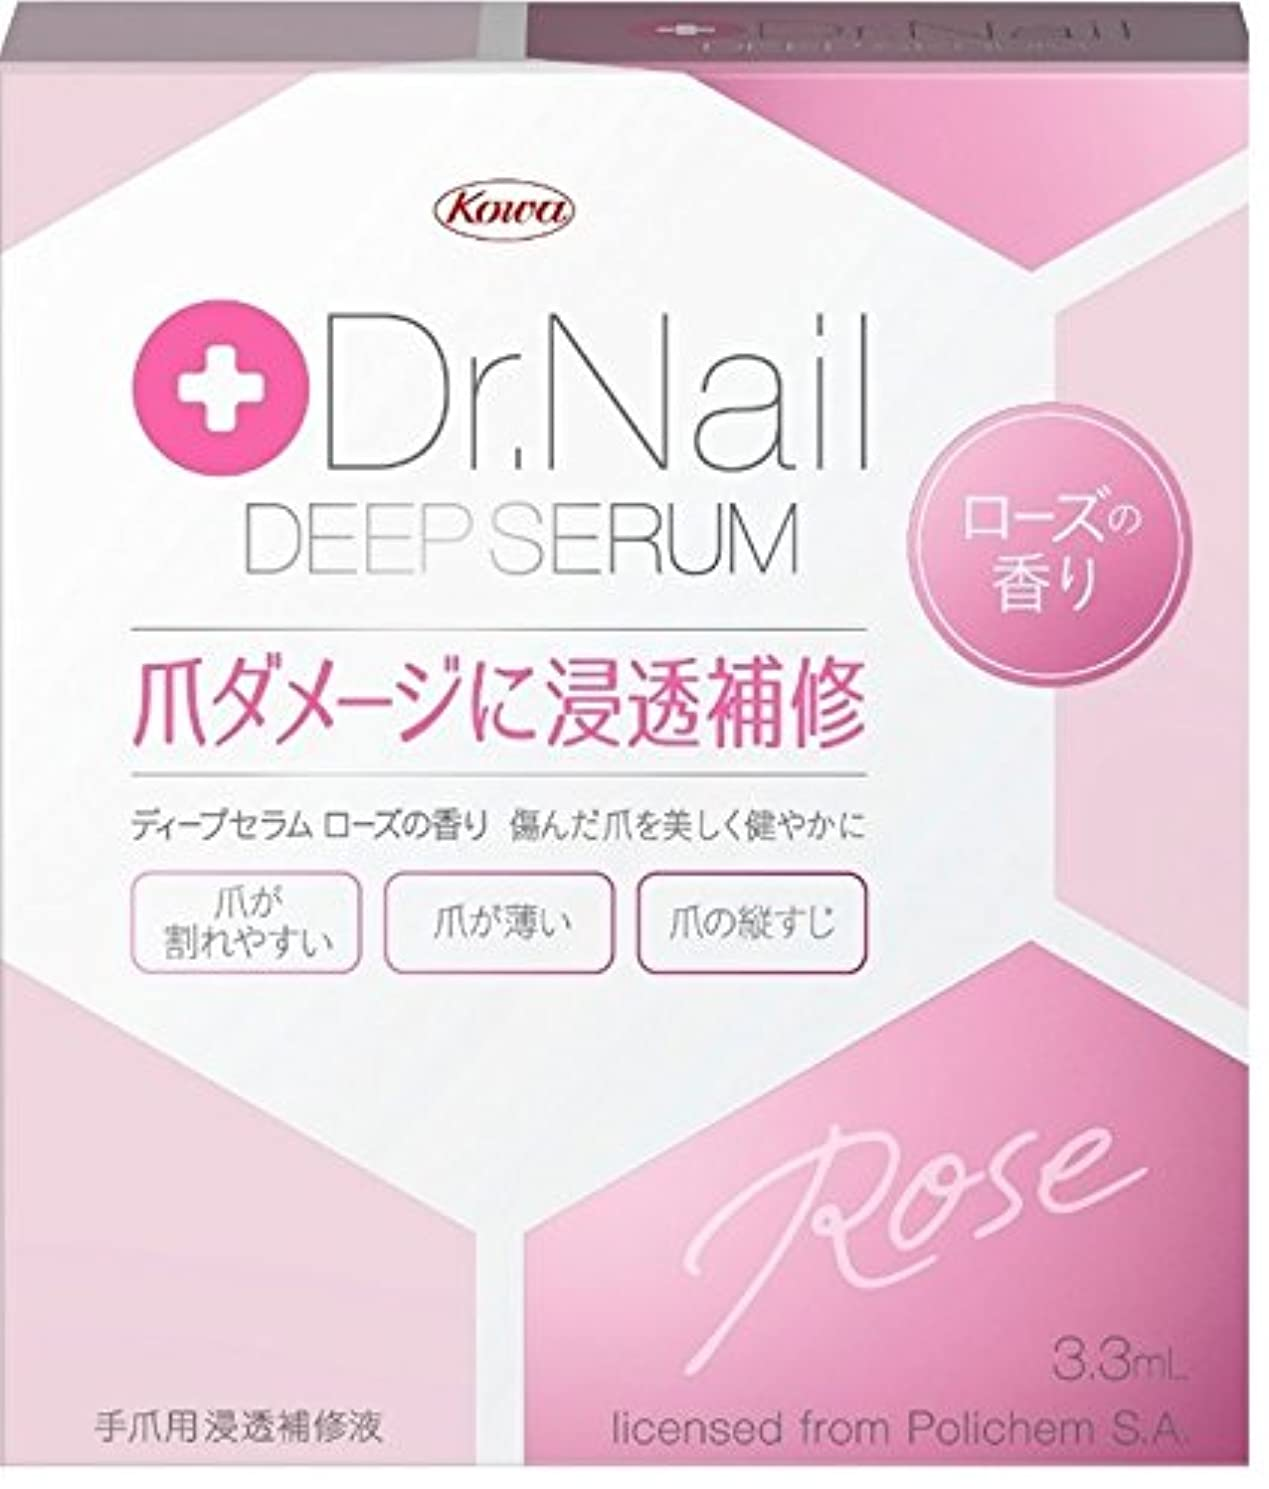 男やもめリンスベル興和(コーワ) Dr.Nail DEEP SERUM ドクターネイル ディープセラム 3.3ml ローズの香り